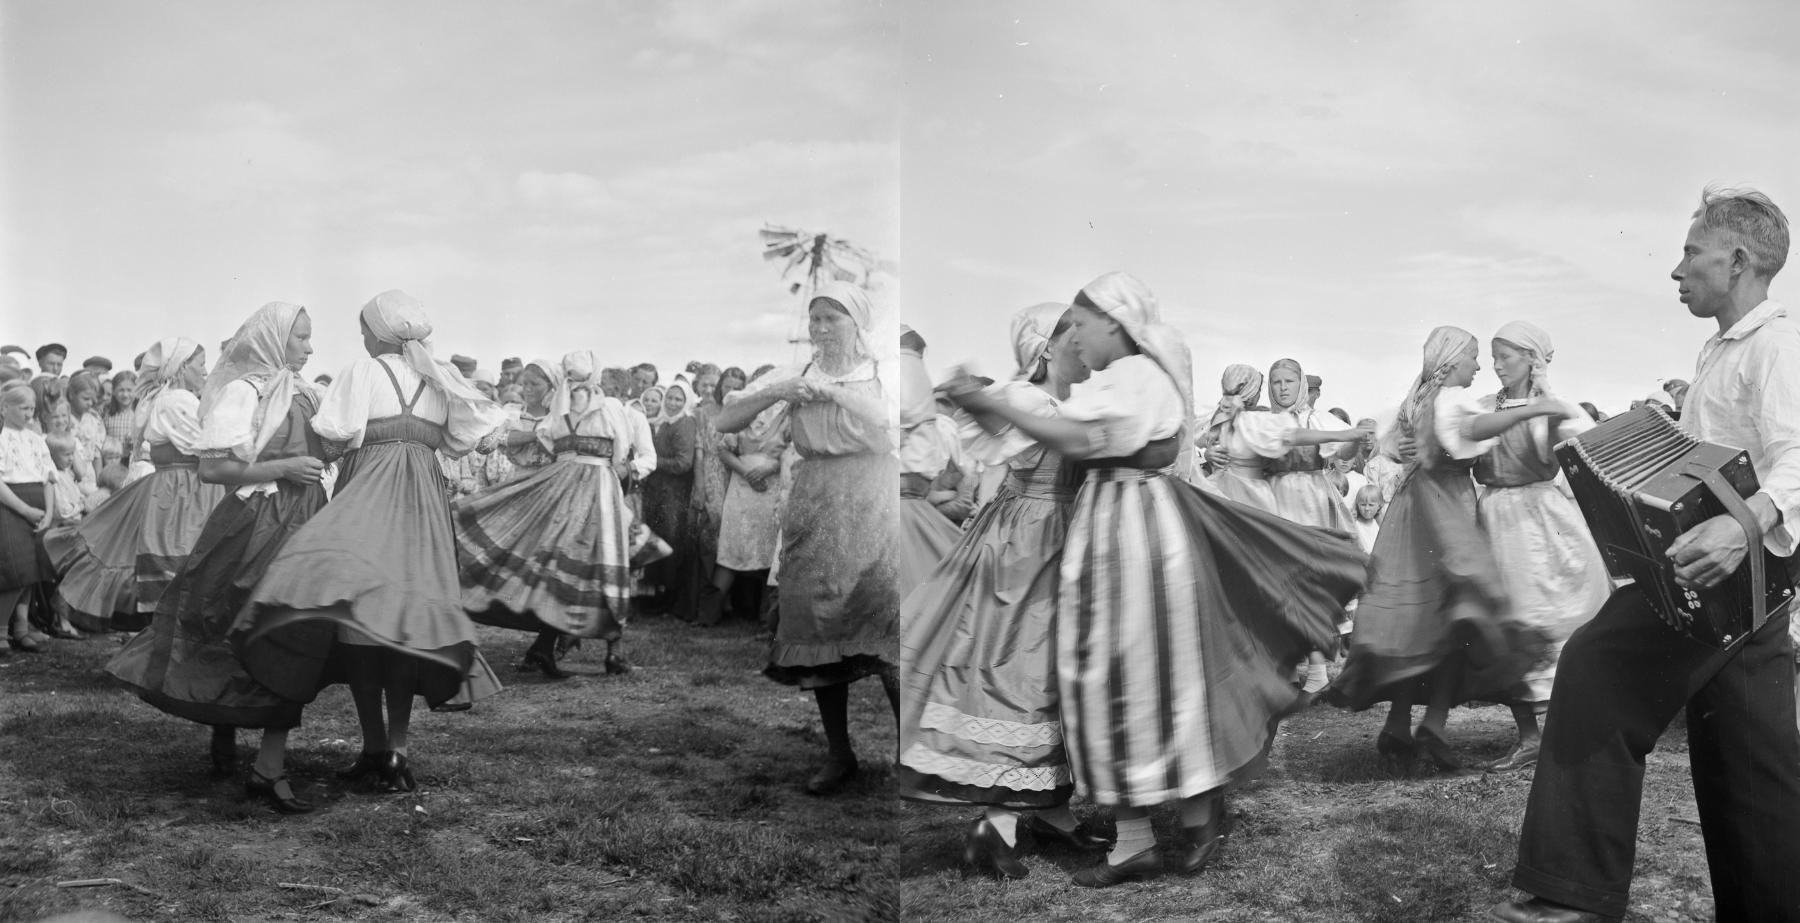 Katrillin tanssimista haitarin säestyksellä juhannusjuhlissa Paateneella, Itä-Karjalassa. Kuvaaja Väinö Kaukonen 23.6.1943. Kuvat SUK475:78 ja SUK475:77. Museovirasto. CC BY 4.0